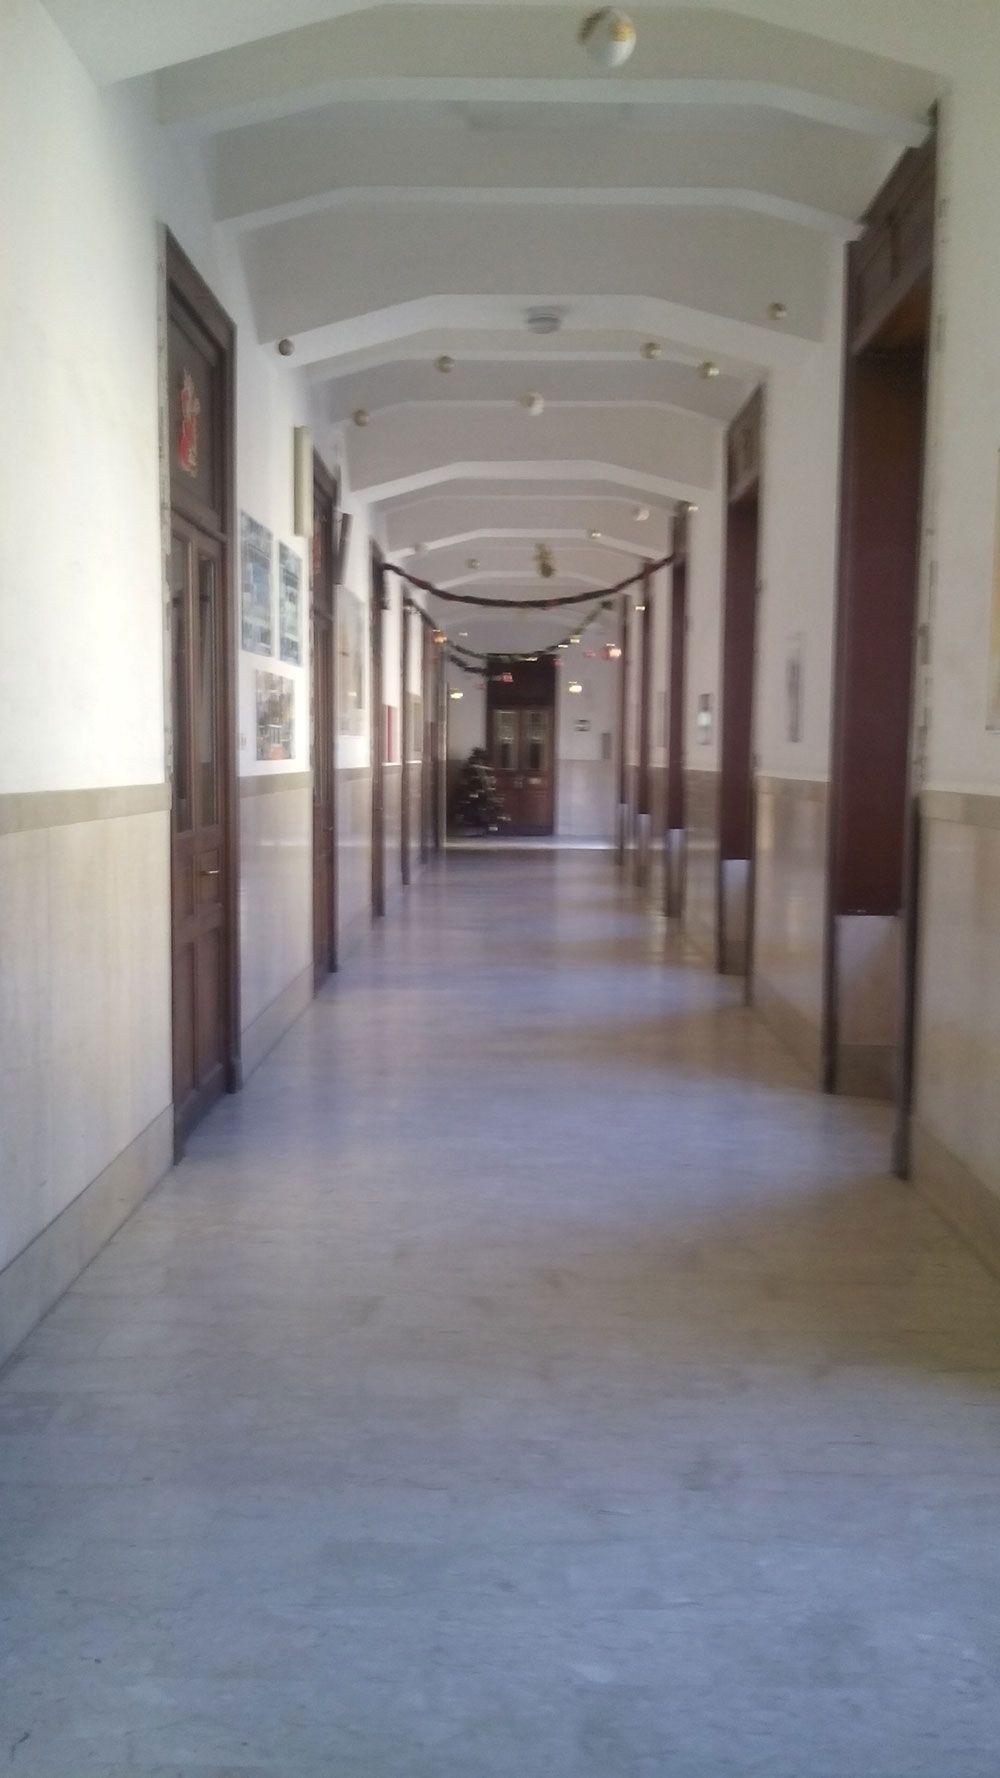 I proverbiali corridoi della scuola.